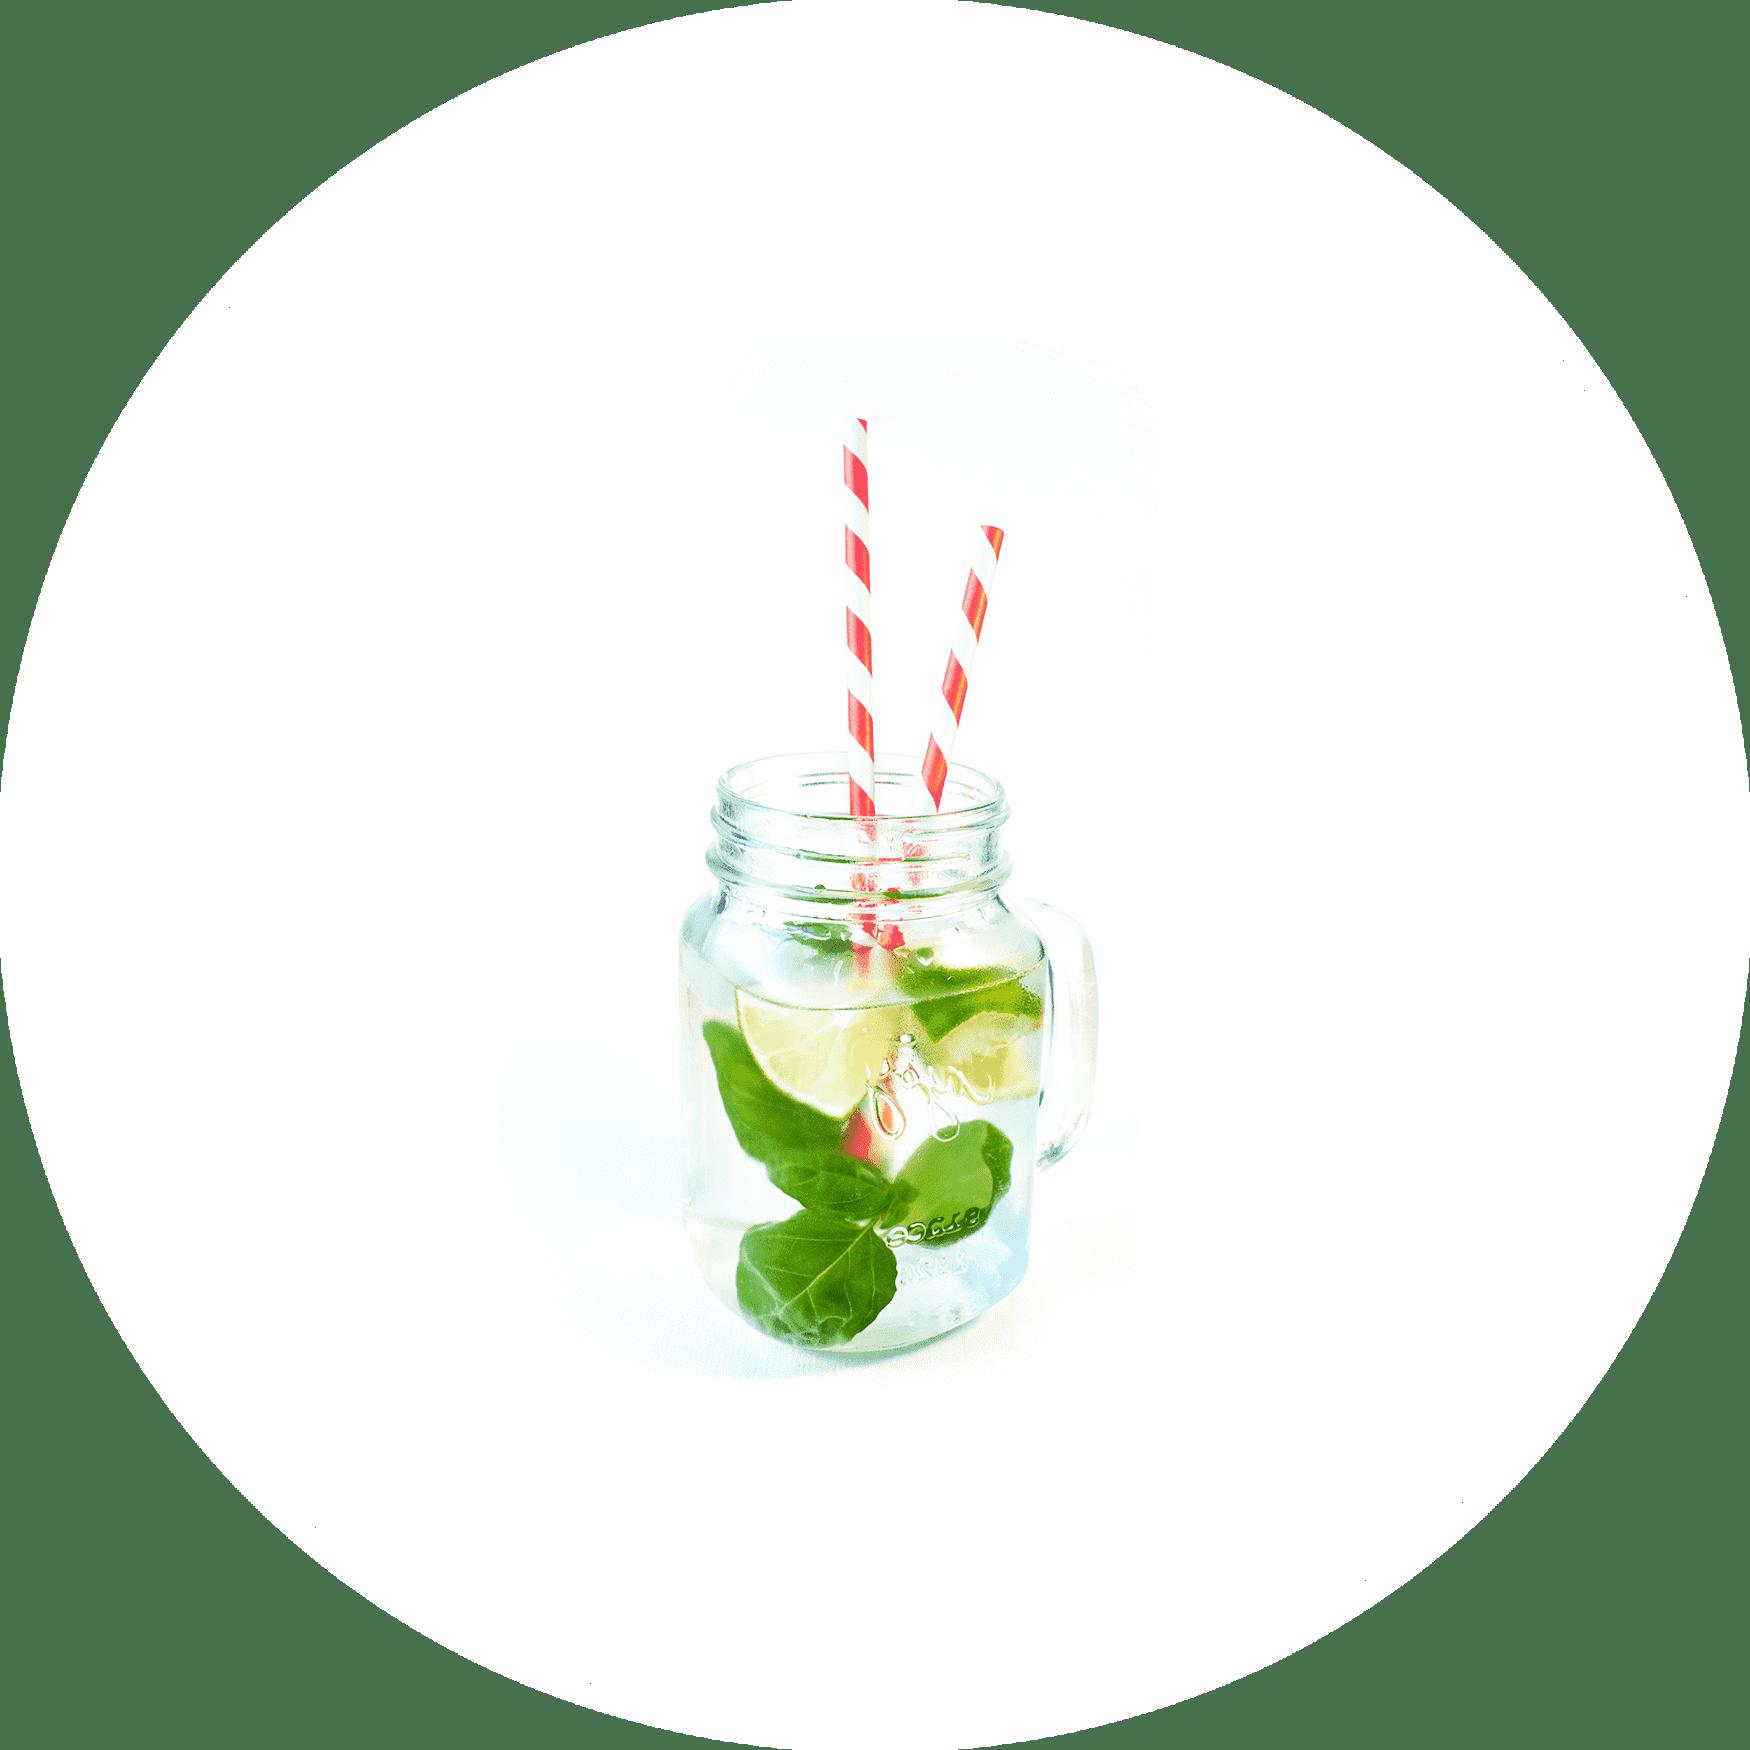 Zischende Limo